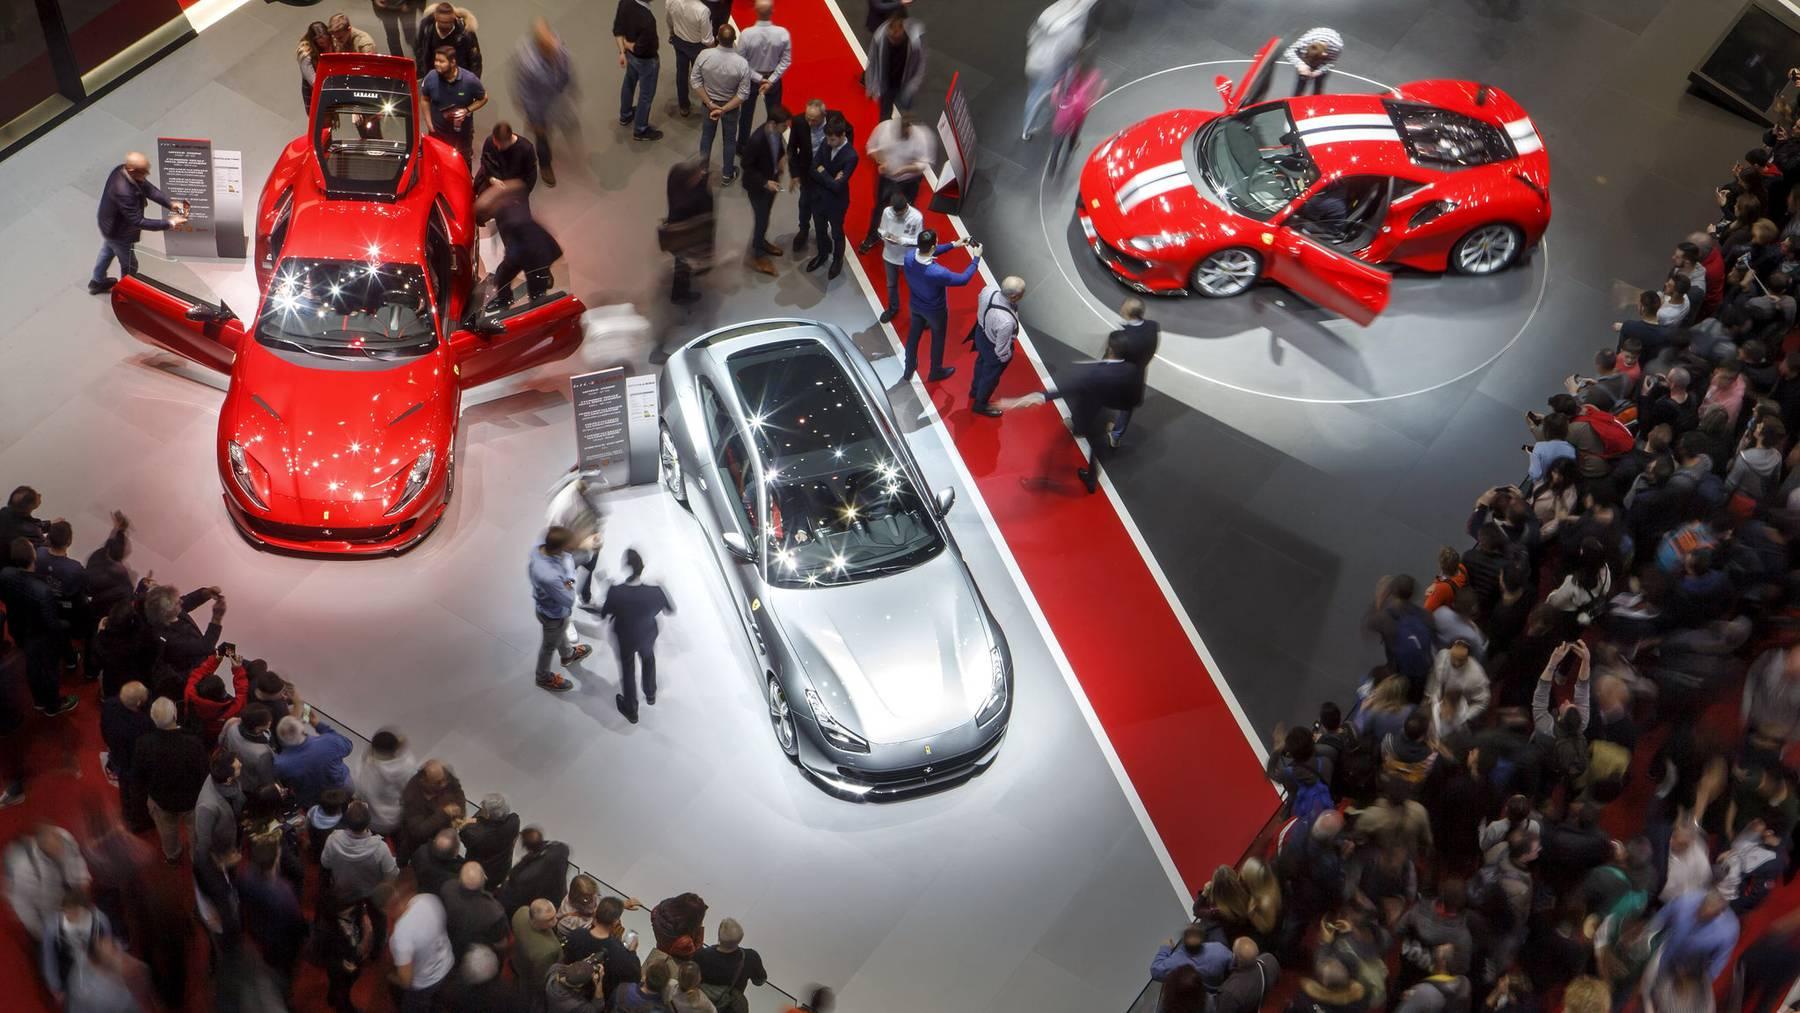 Der Genfer Autosalon zieht jeweils mehr als 600'000 Besucher an.